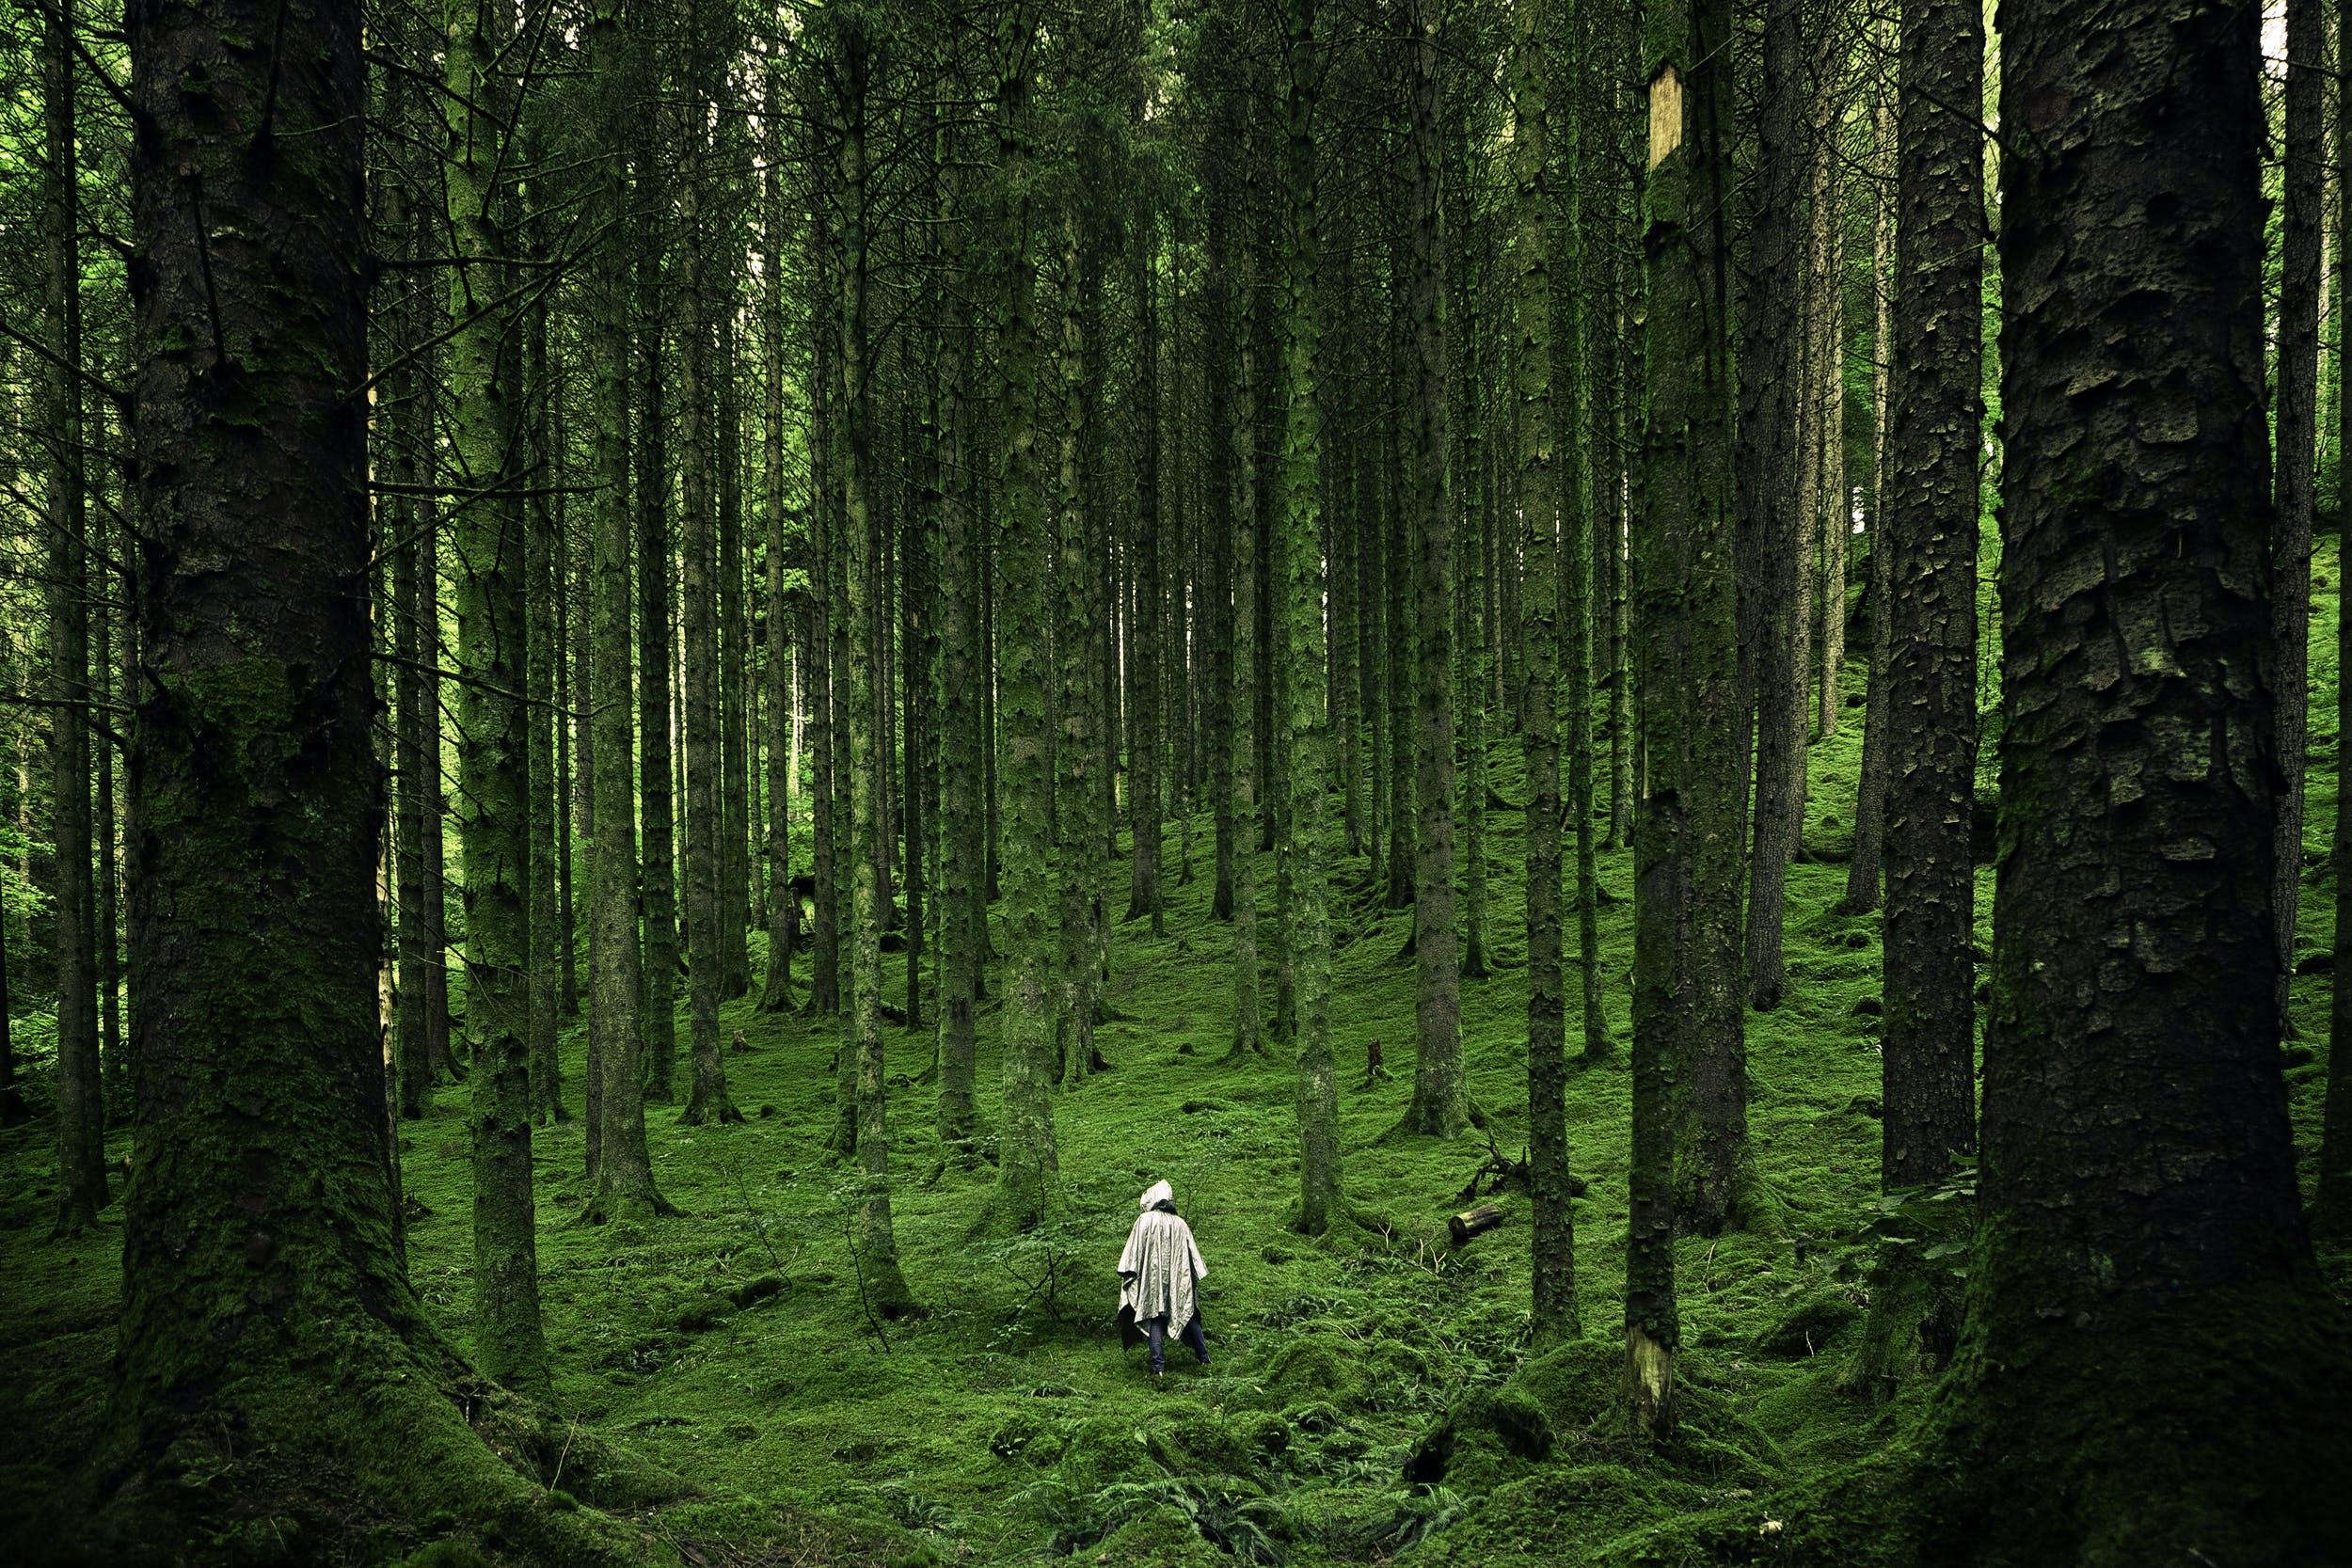 človek, les, lesy